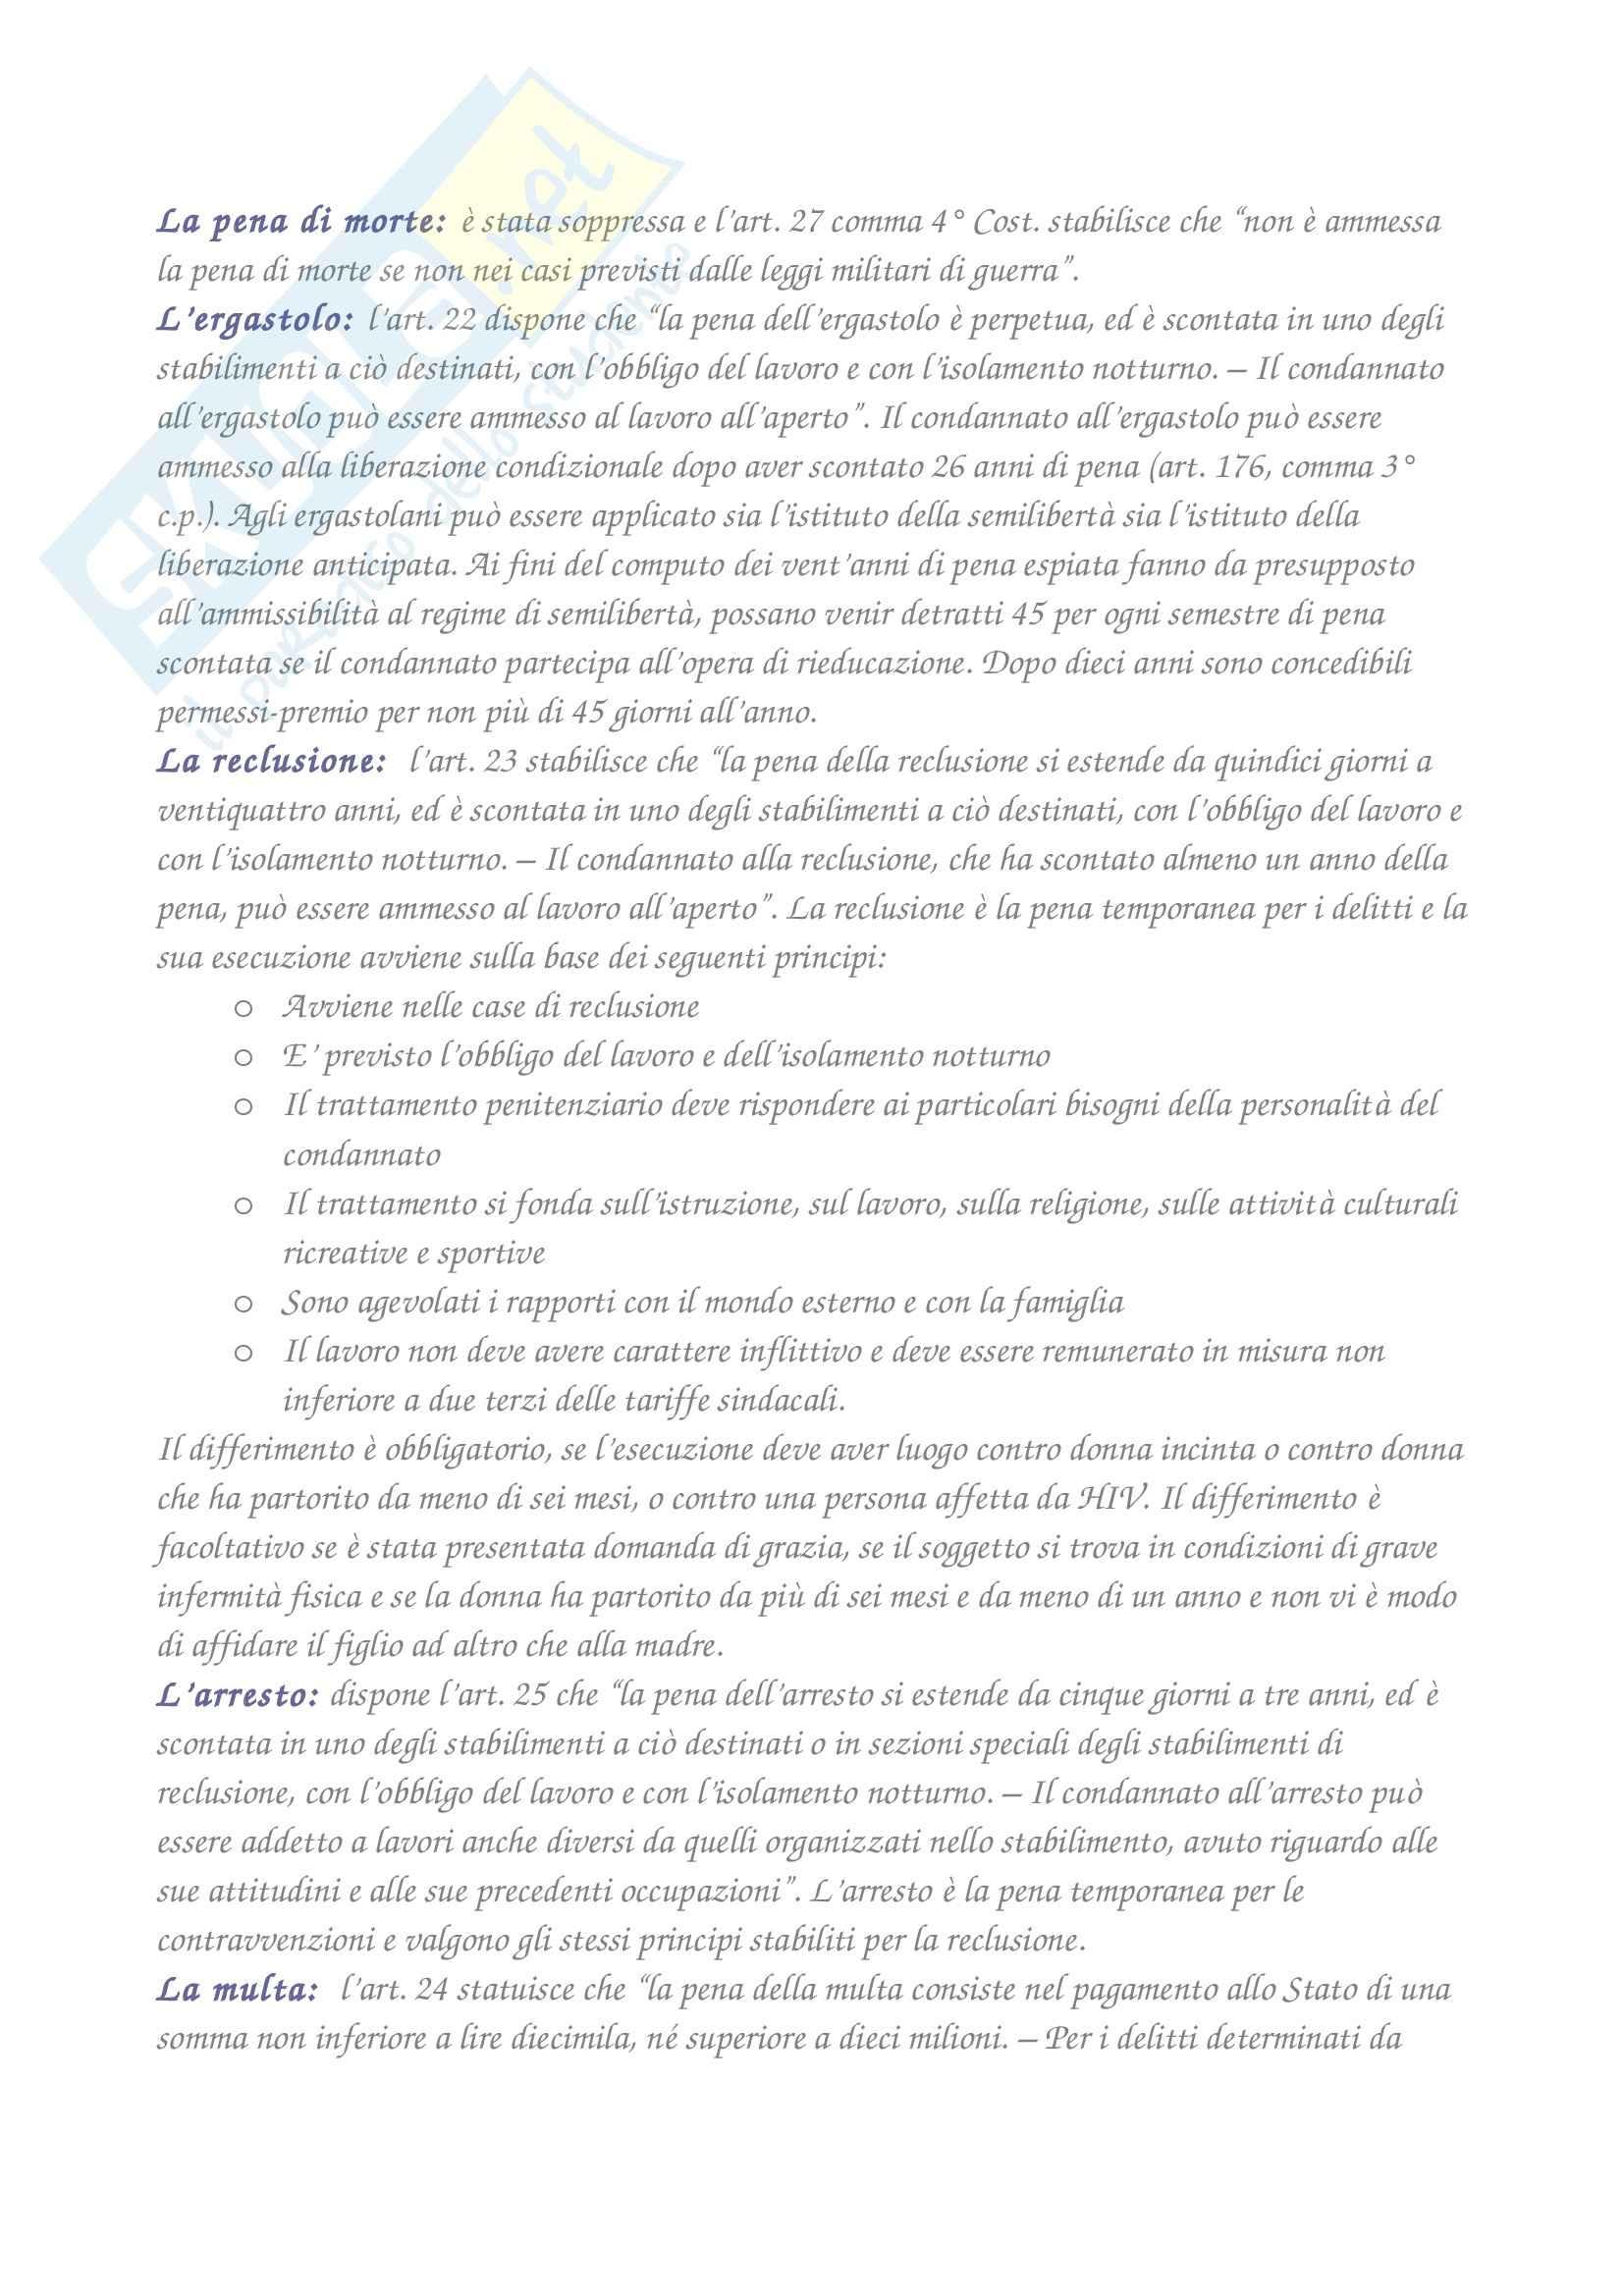 Diritto penale - i presupposti del sistema sanzionatorio vigente Pag. 2